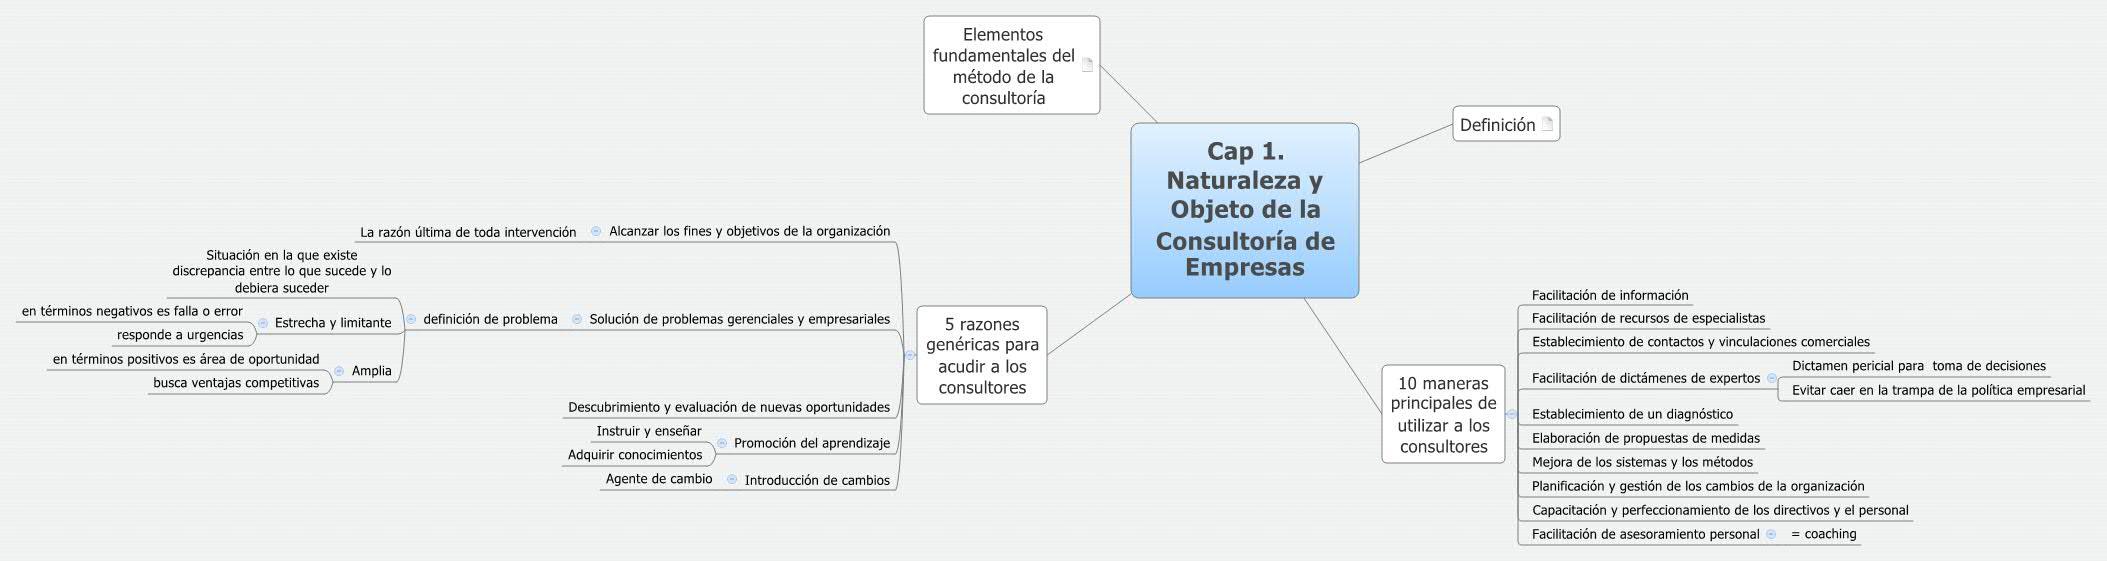 Cap 1. Naturaleza y Objeto de la Consultoría de Empresas